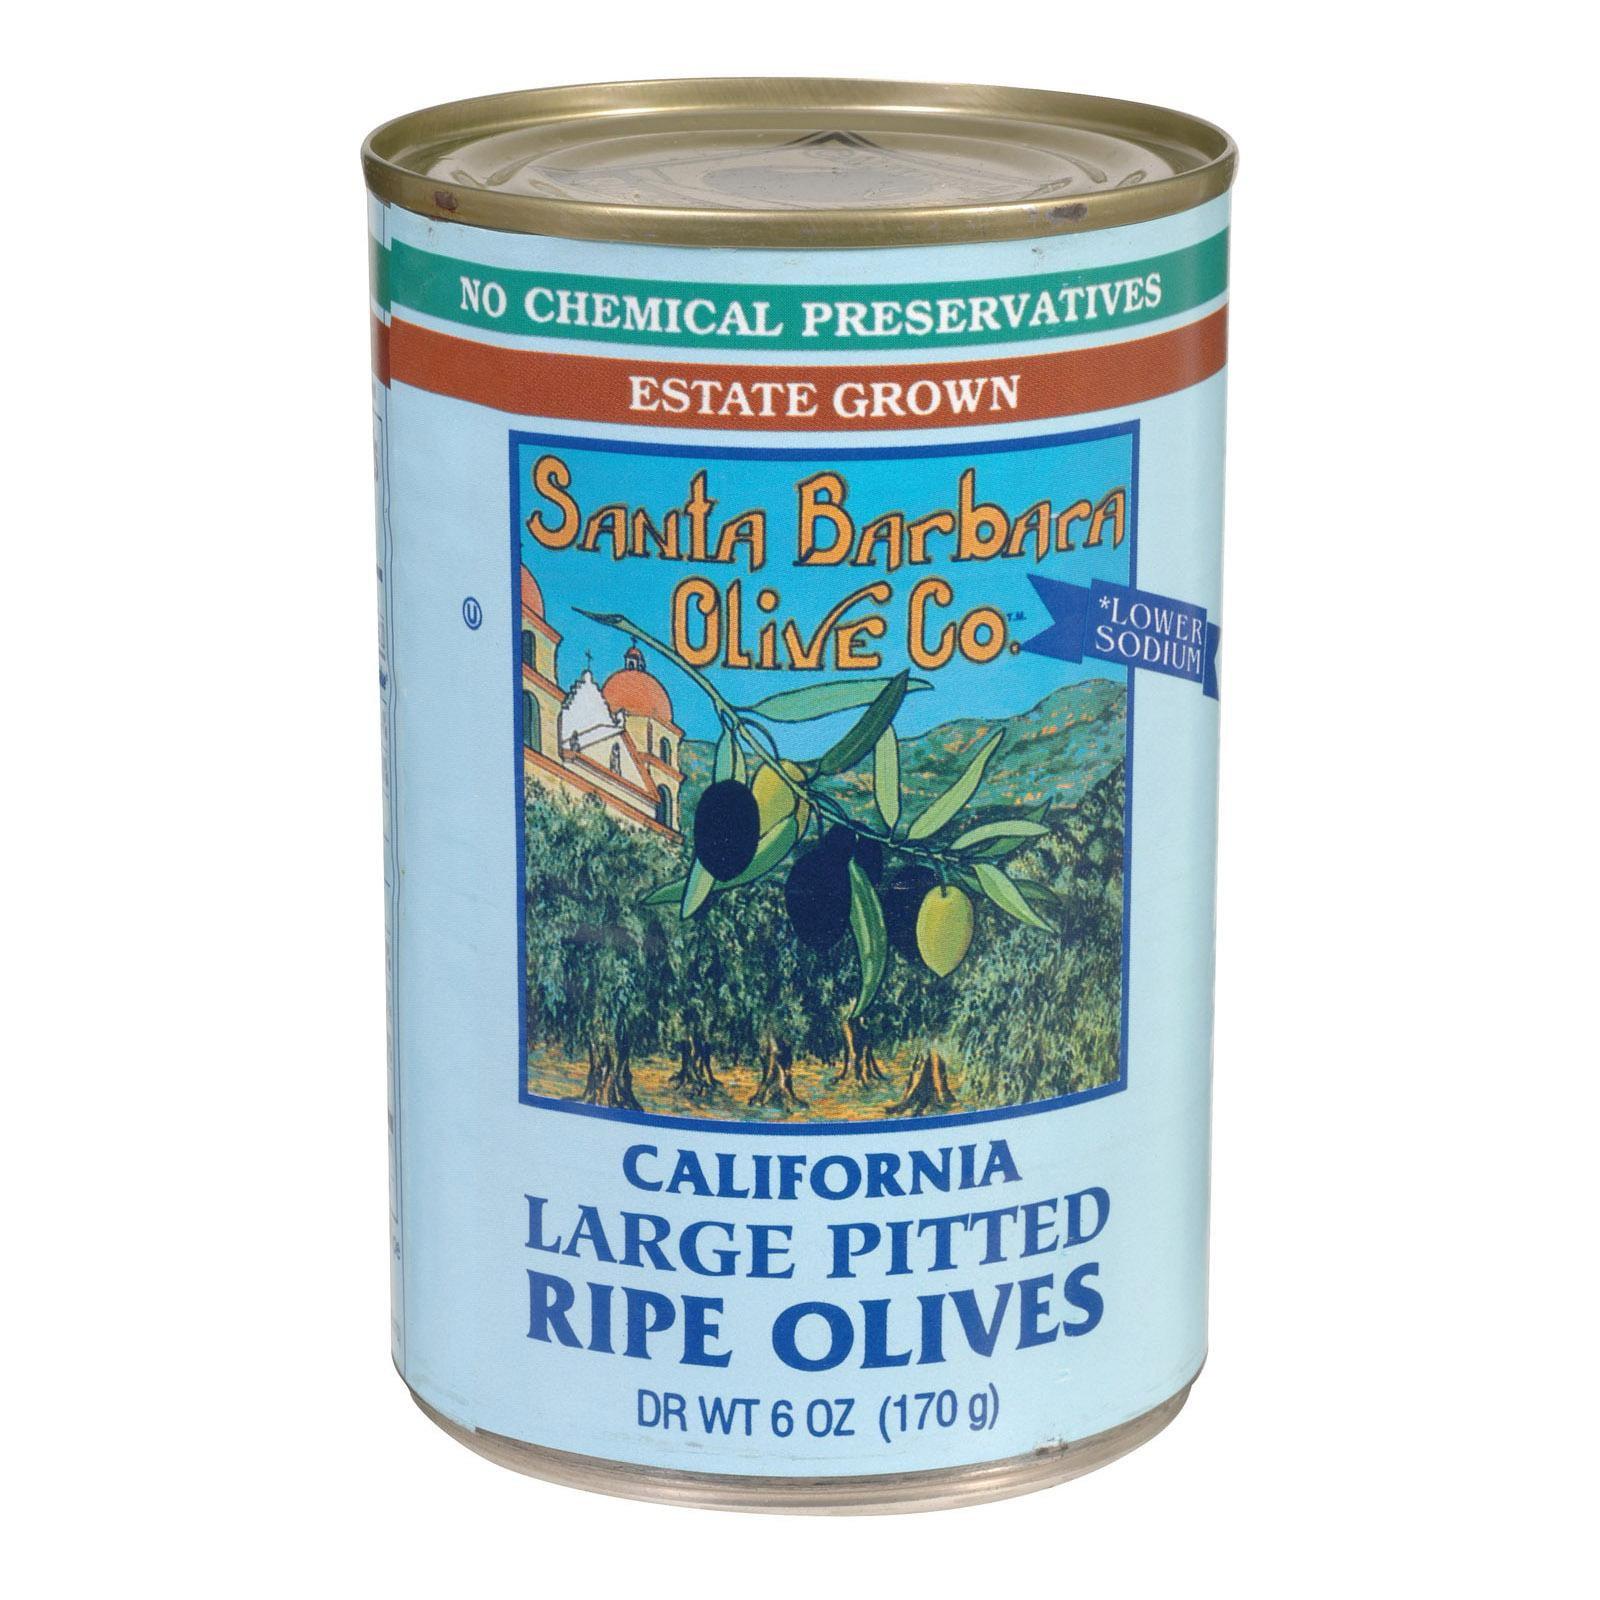 Santa Barbara Pitted Olives - Large Black - Pack of 12 - 5.75 Oz.